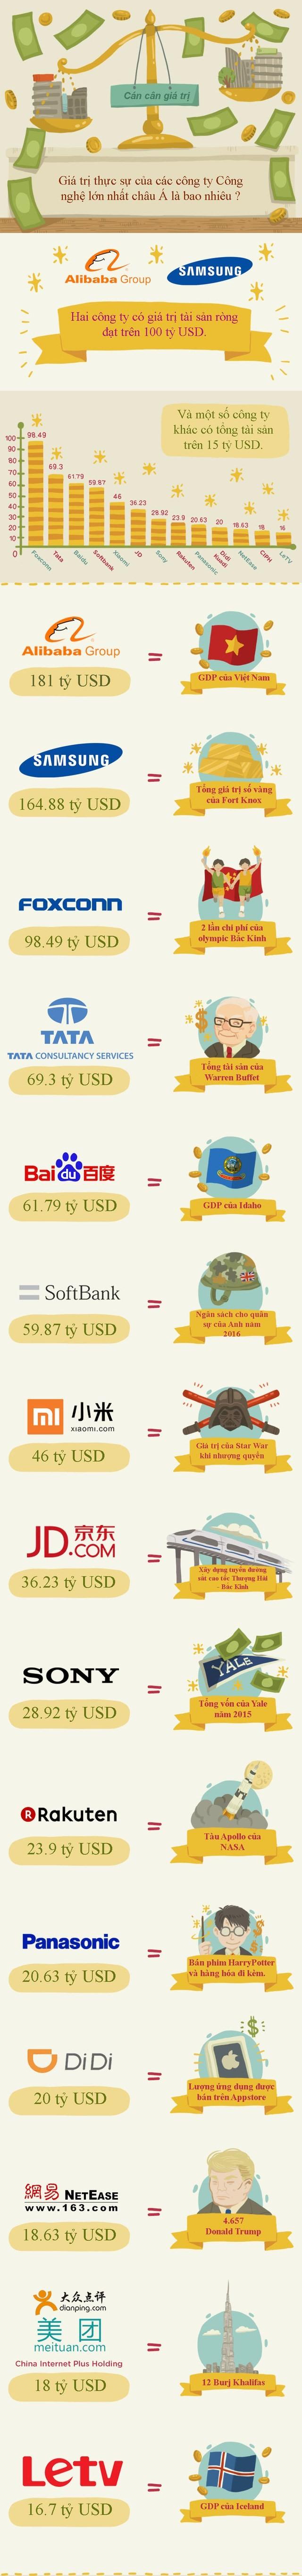 Những công ty công nghệ hàng đầu châu Á lớn tới cỡ nào? ảnh 1